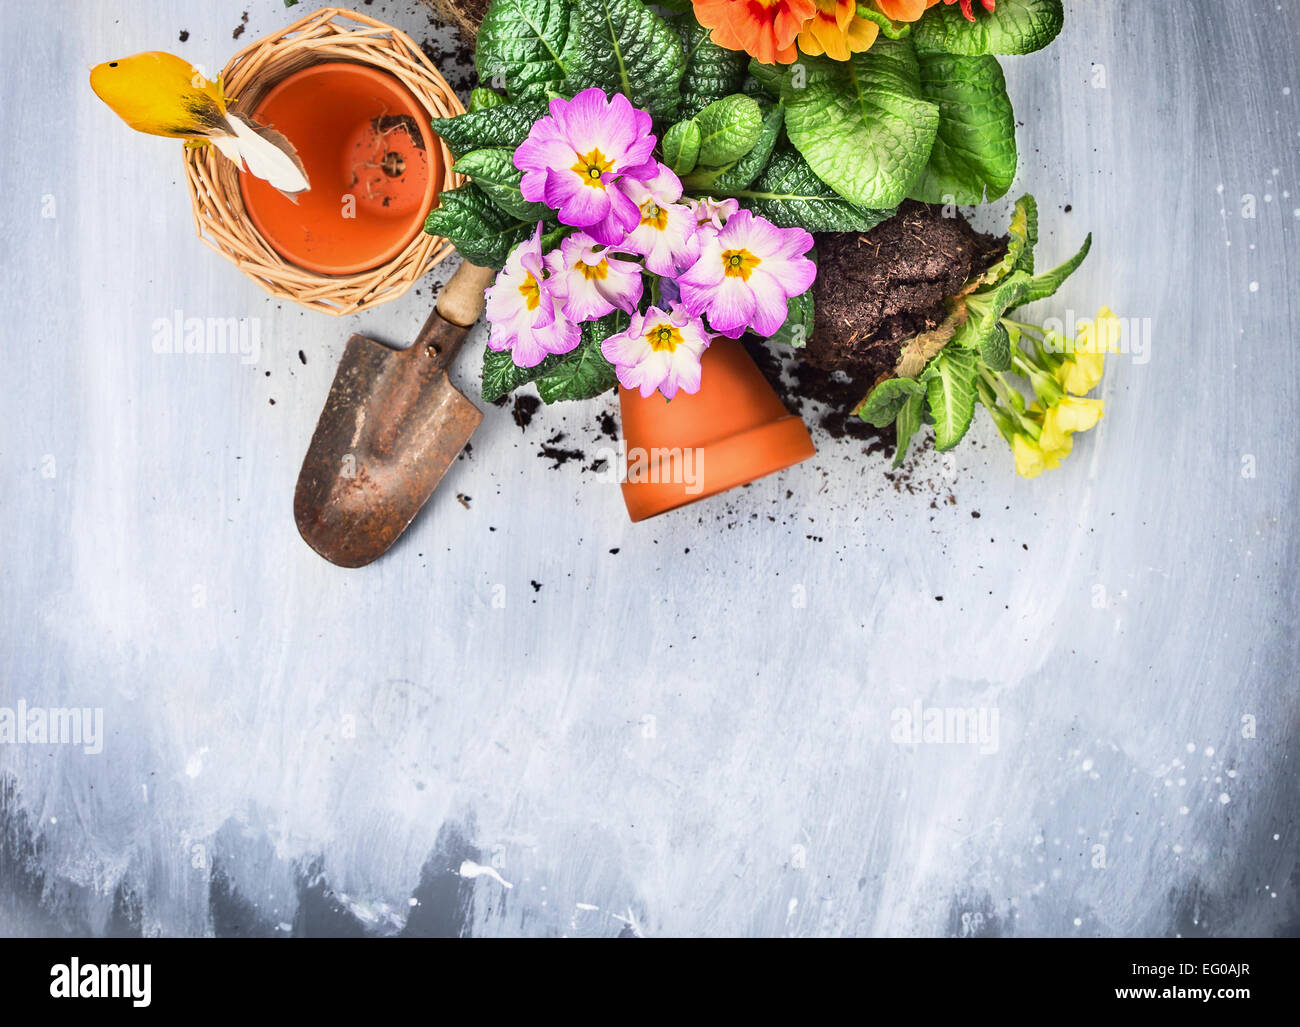 Flores de primavera macetas con herramientas de jardín, macetas y el suelo, sobre mesa de madera gris , vista Imagen De Stock